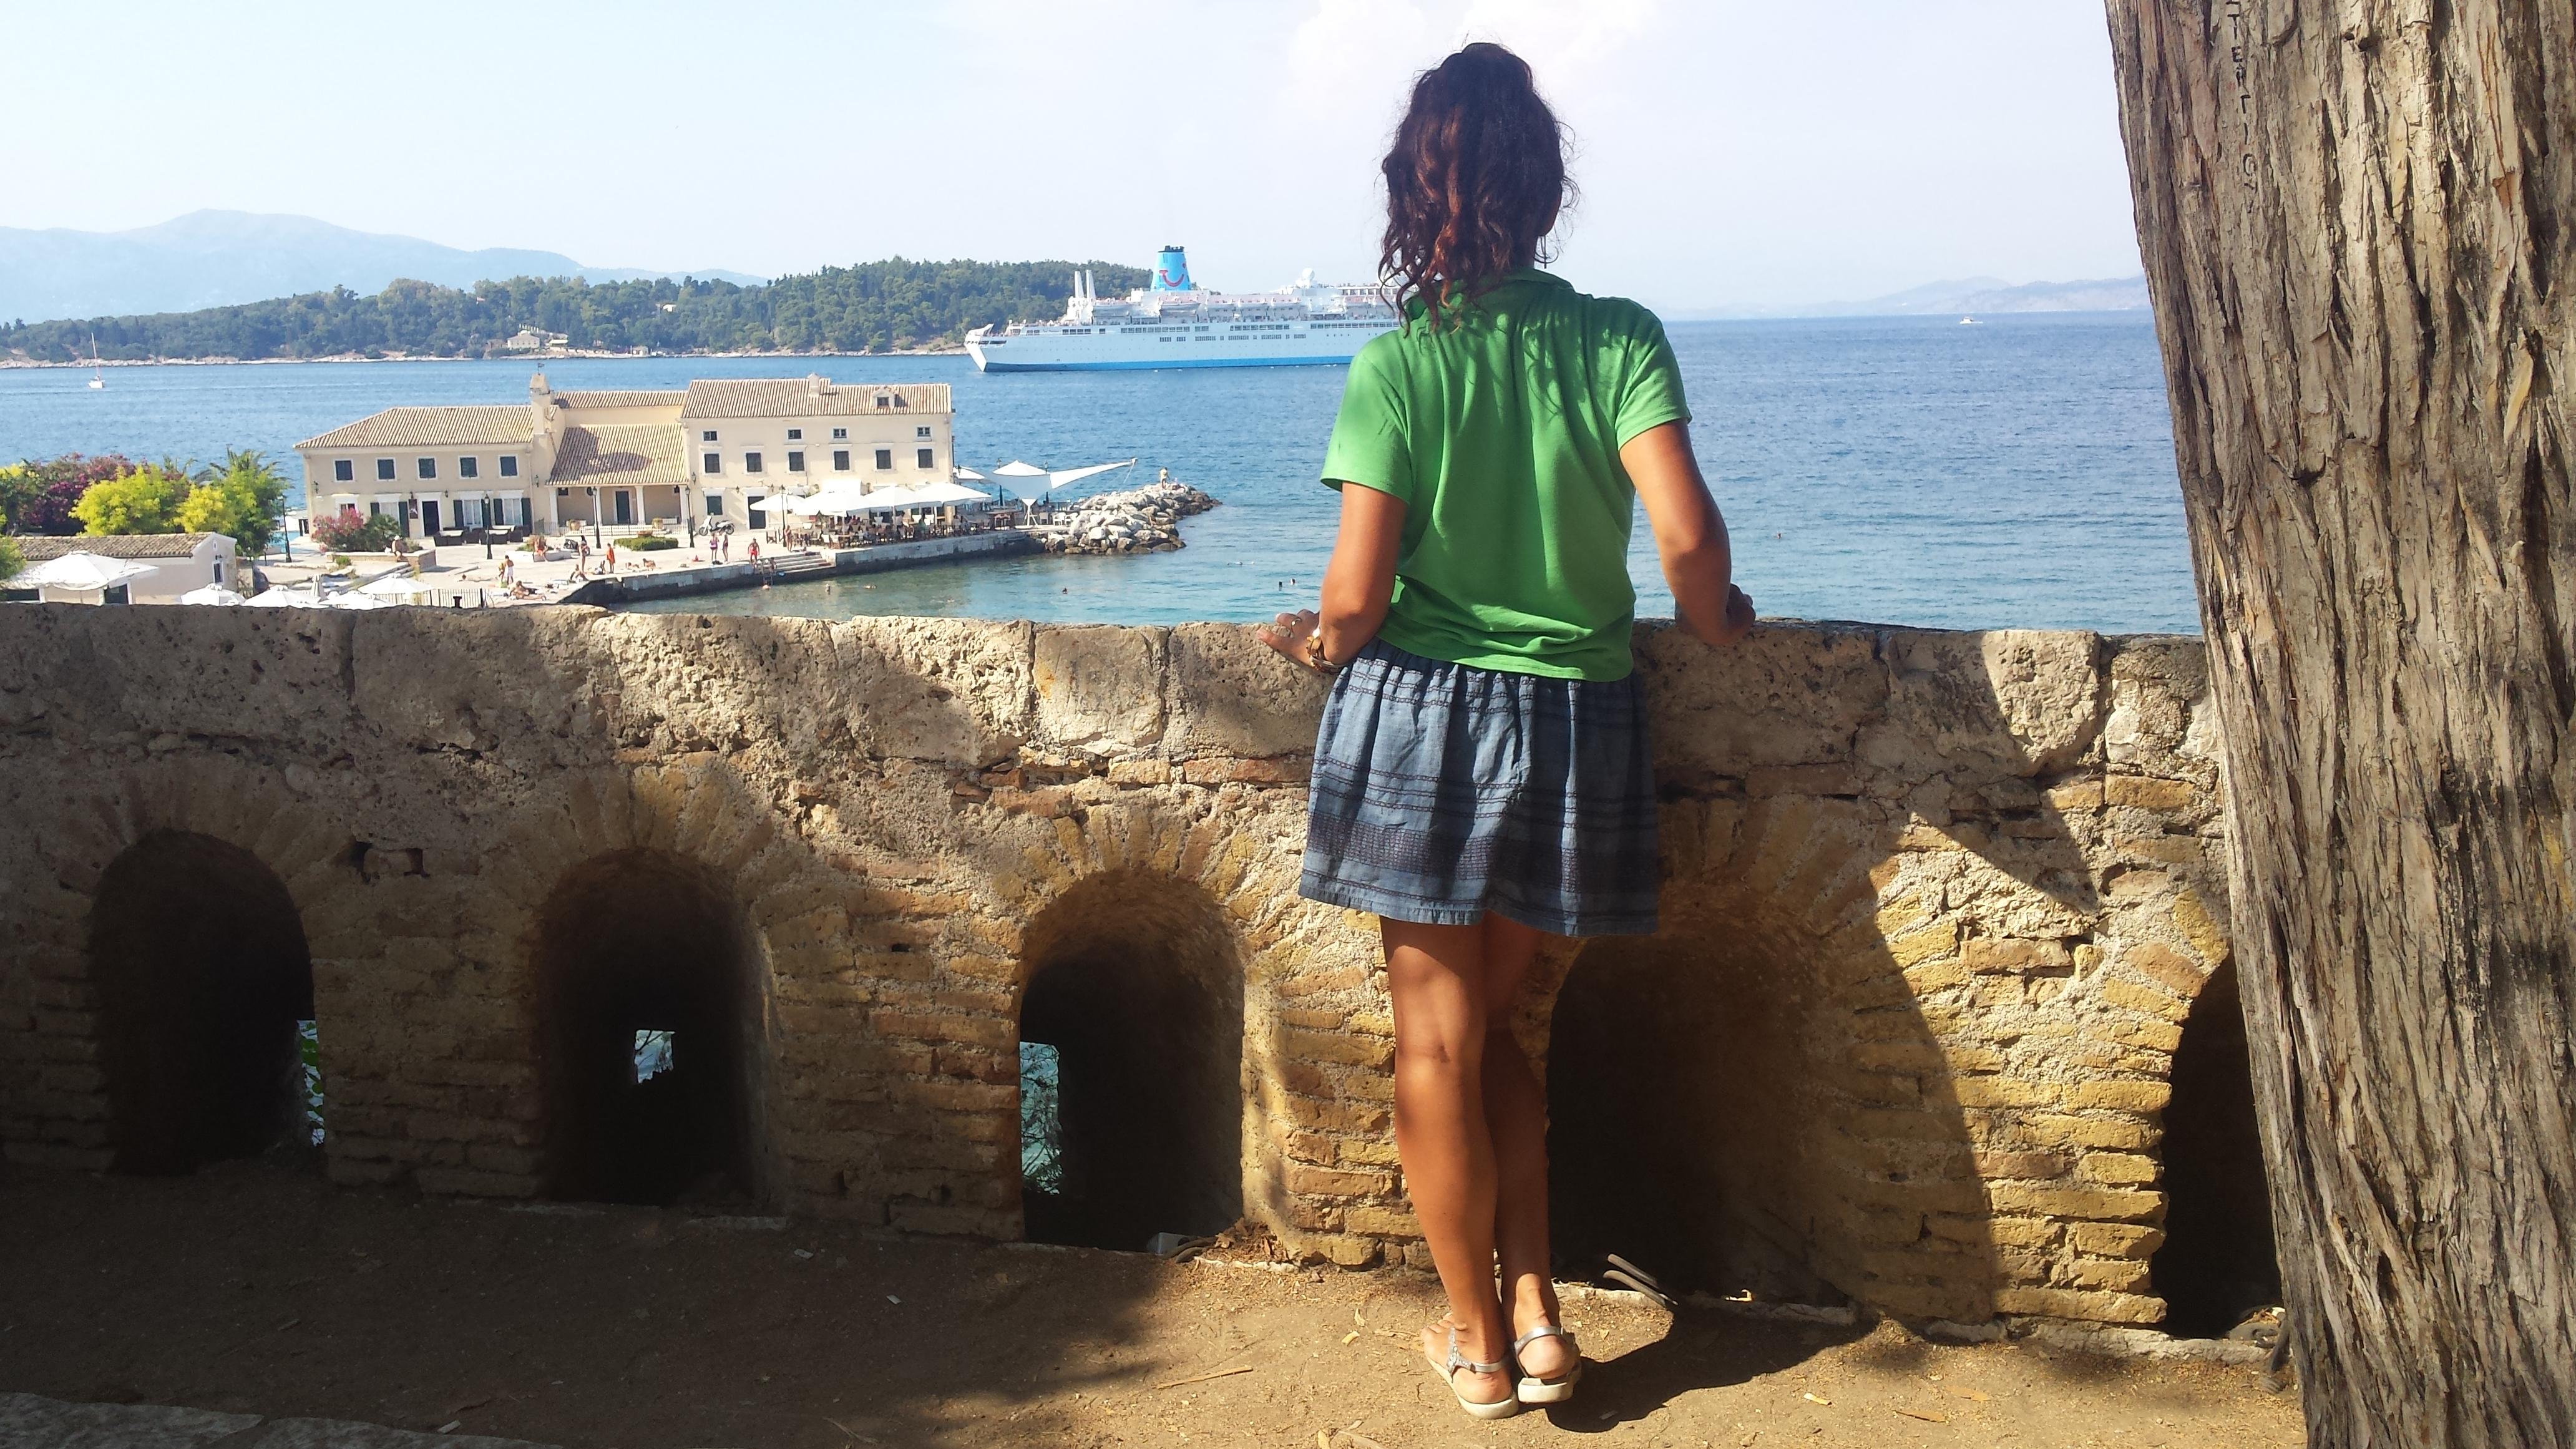 That's me - in Corfu